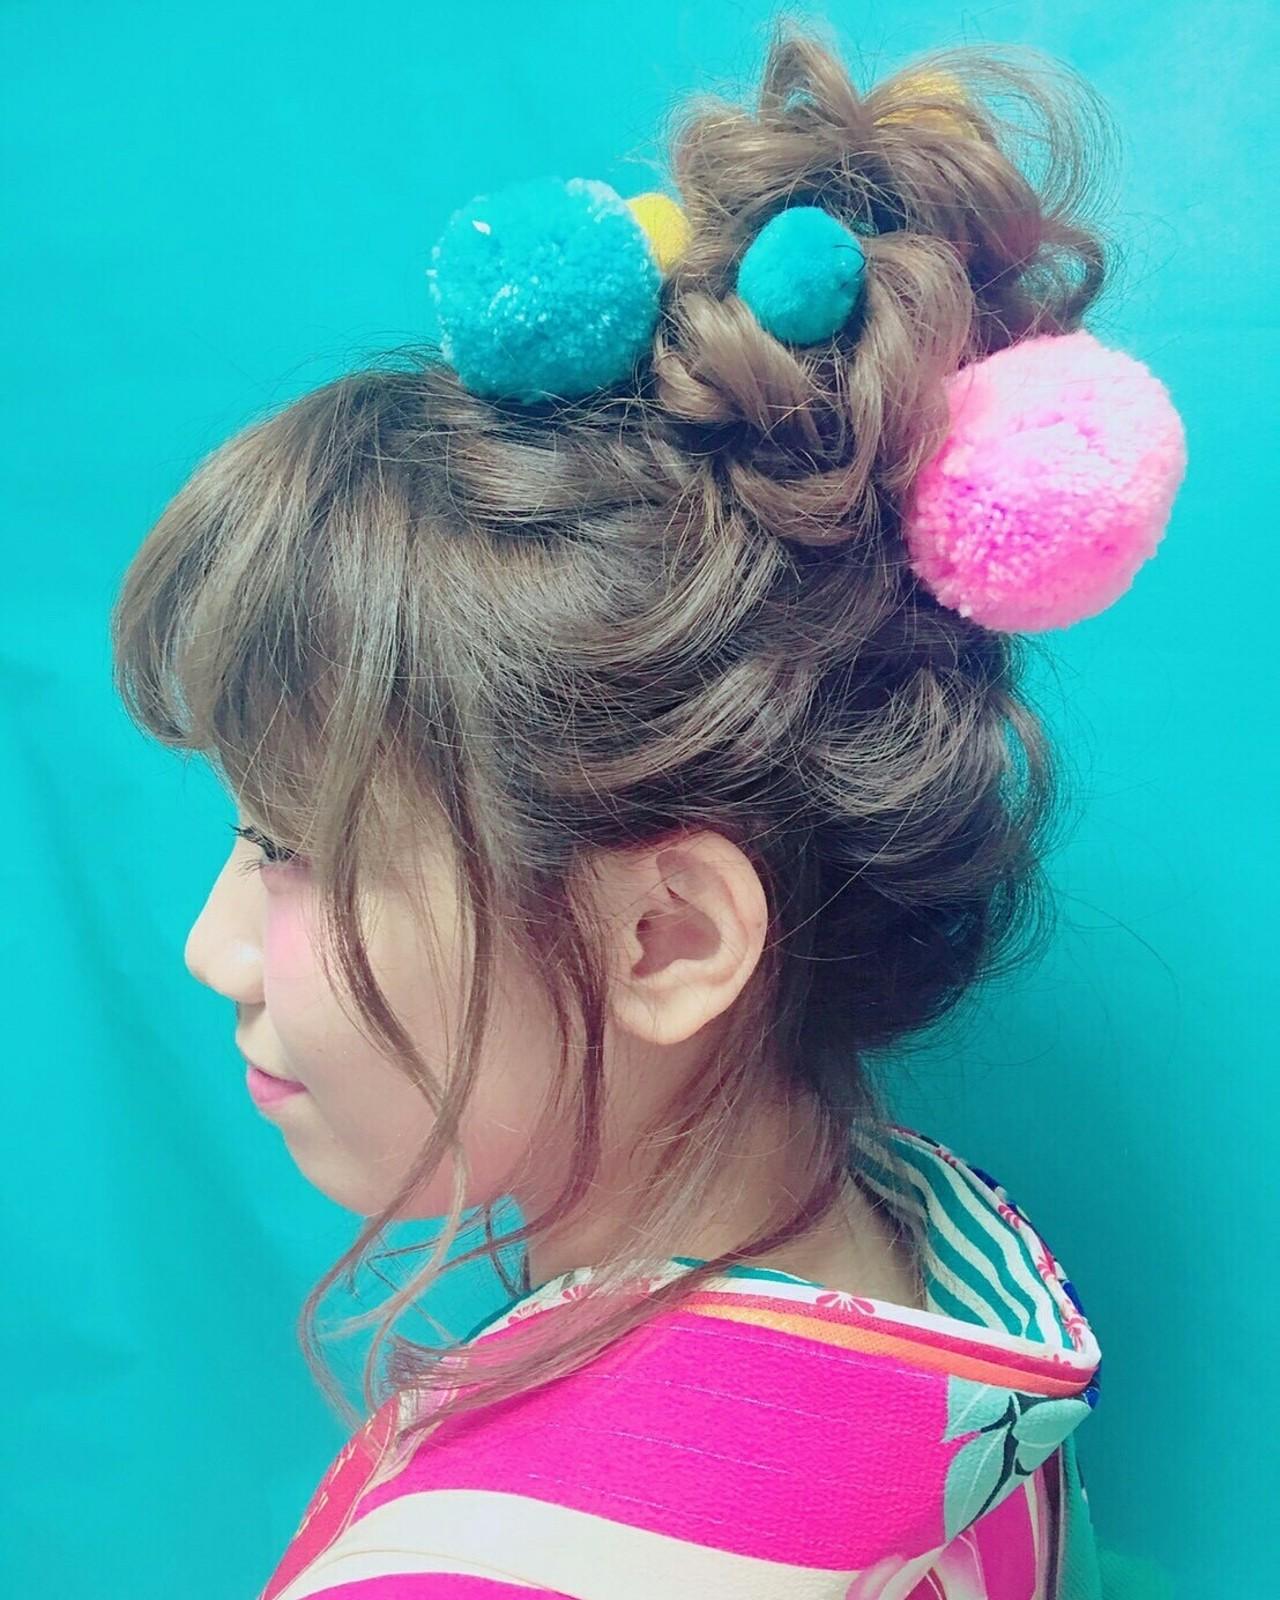 セミロング 結婚式 ヘアアレンジ アップスタイル ヘアスタイルや髪型の写真・画像